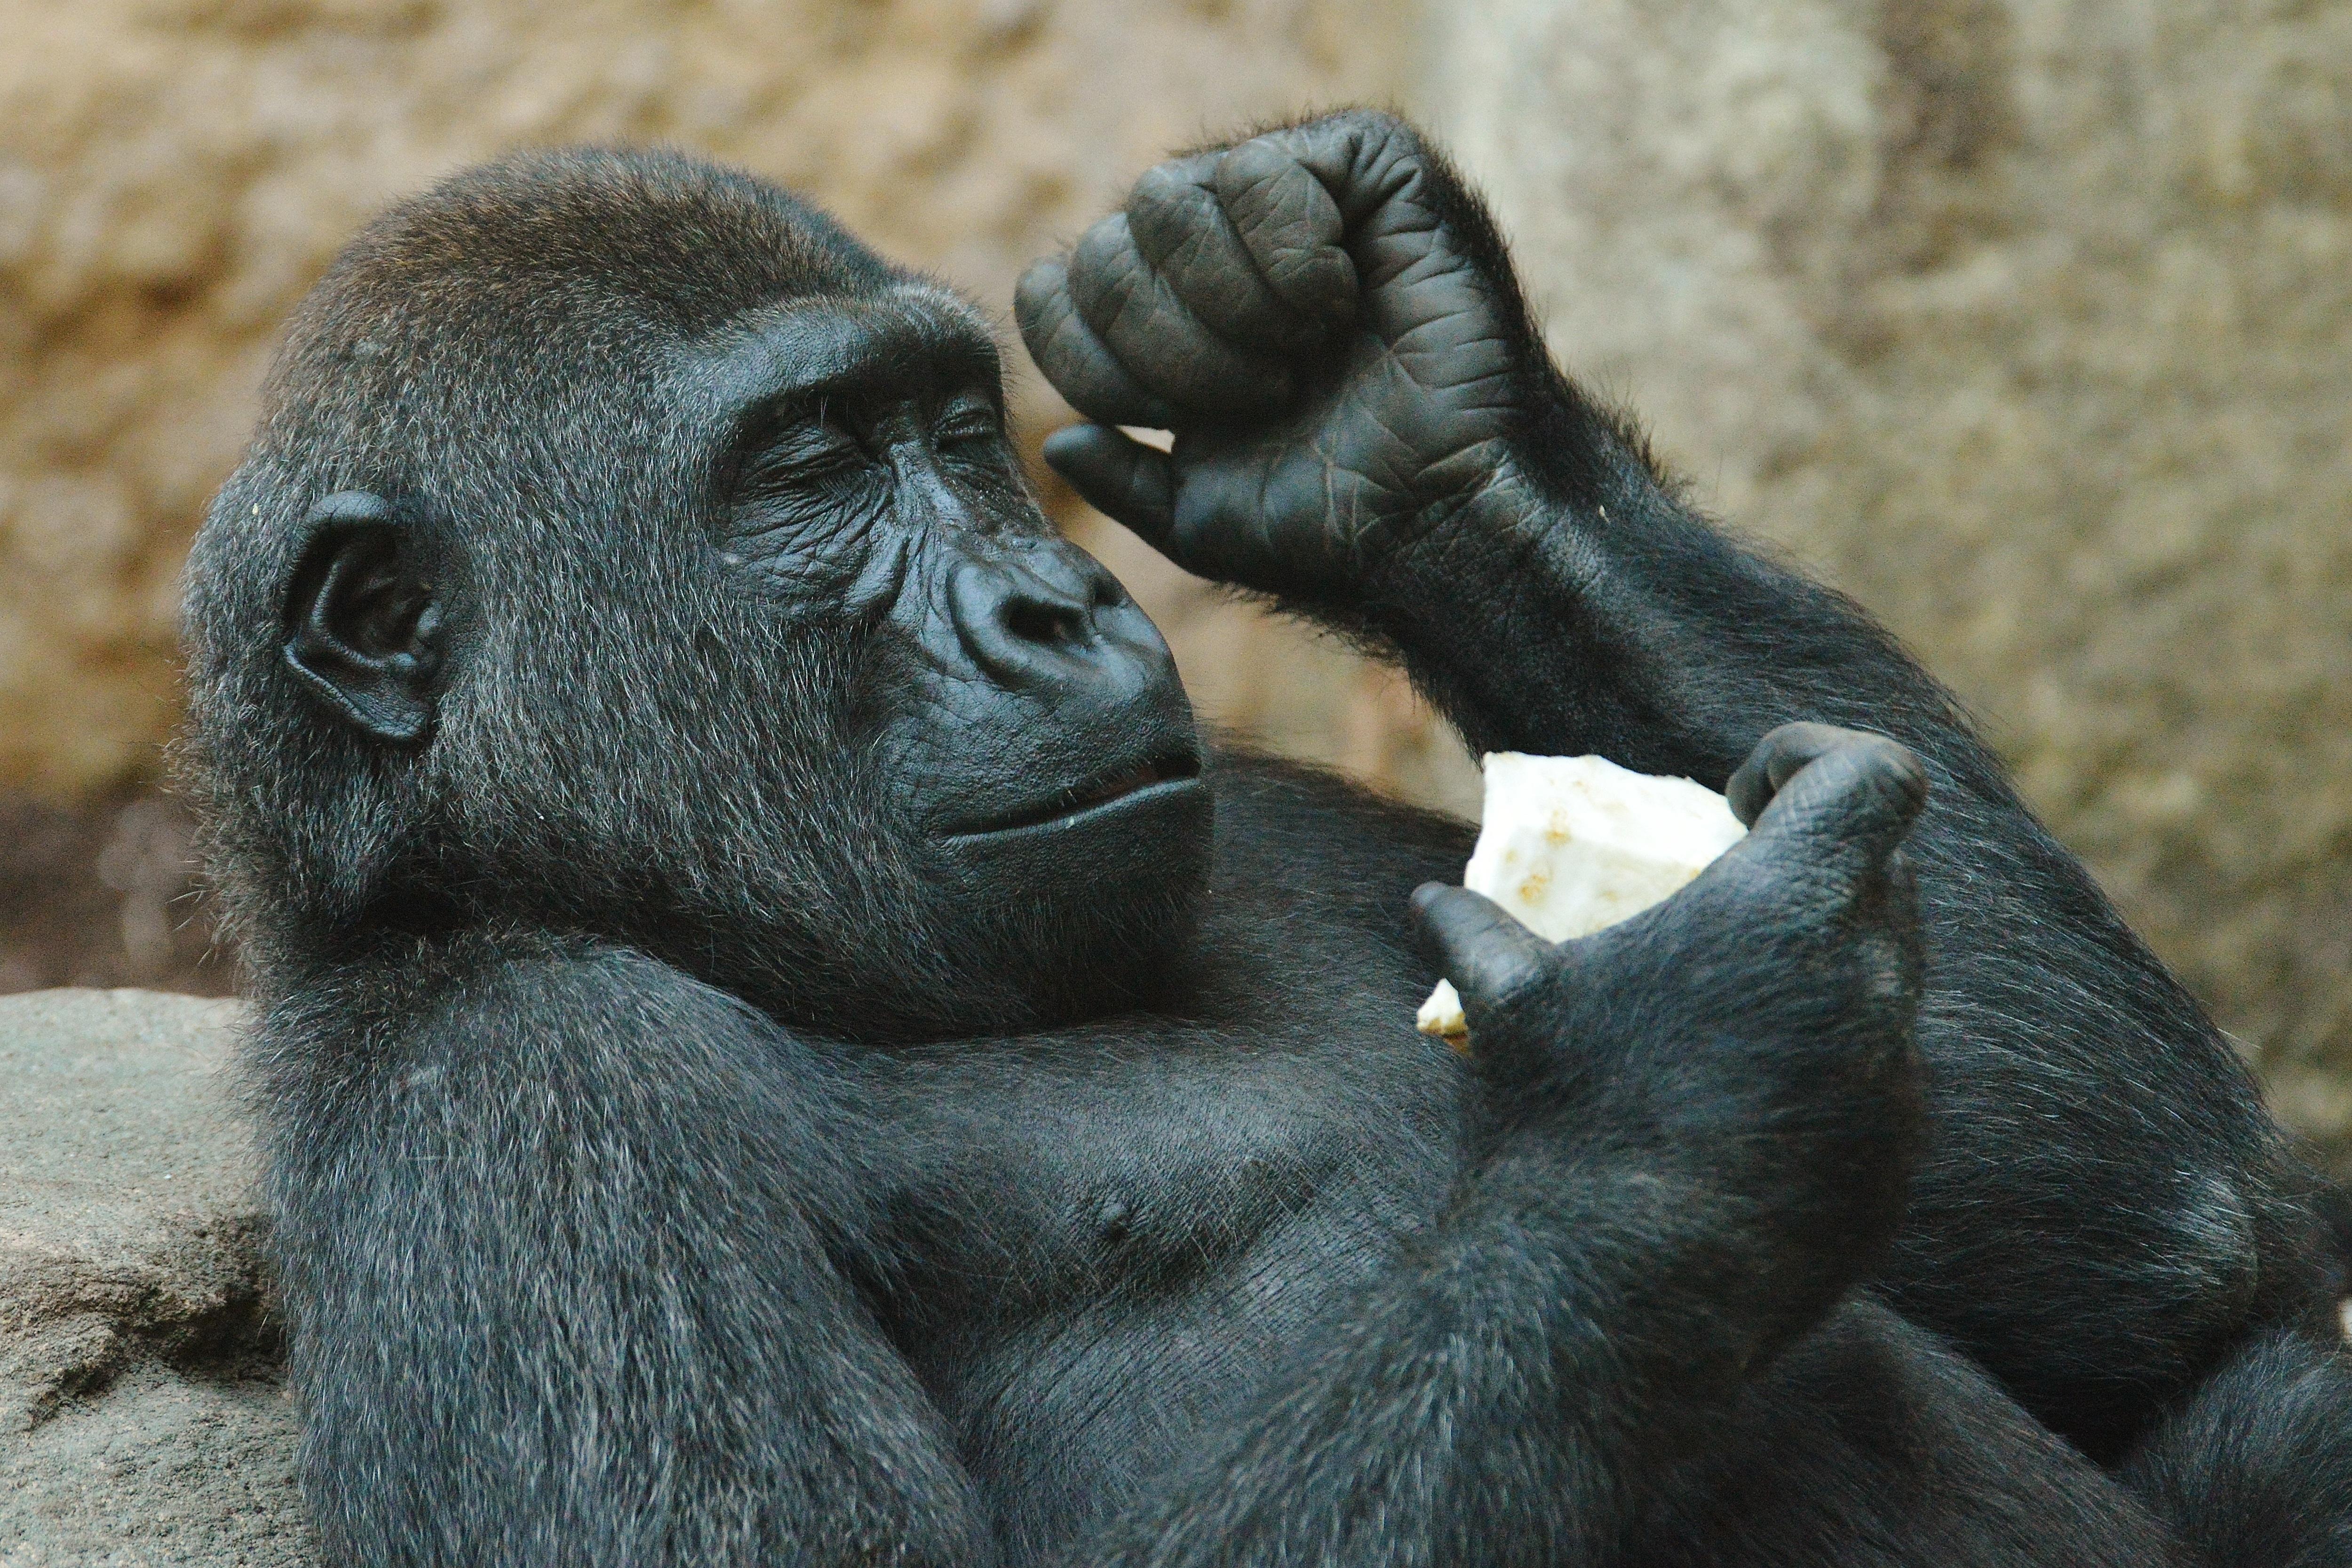 hình ảnh : thú vật, Động vật hoang dã, vườn bách thú, Động vật có vú, con khỉ, ăn, Động vật, Linh trưởng, con khỉ đột, Tinh tinh, động vật hoang da, ...